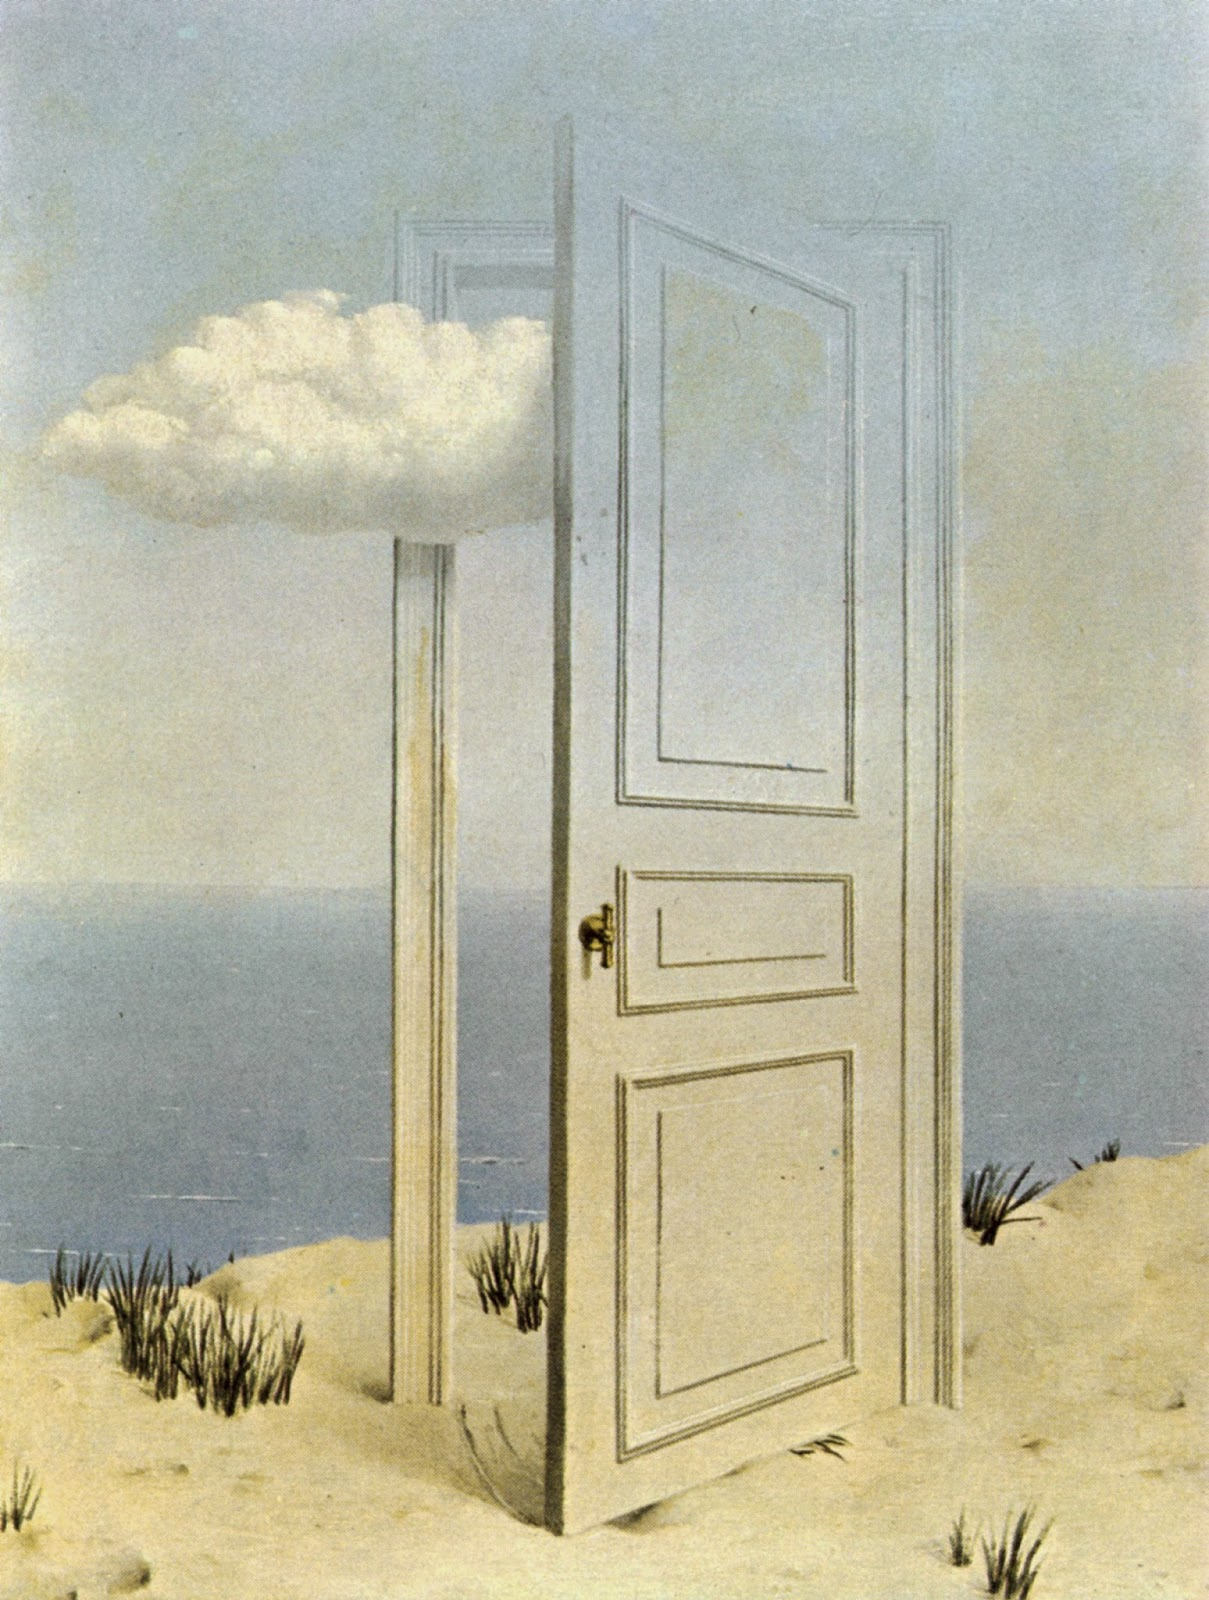 Kart voir n 057 la r ponse impr vue 1933 ren magritte - Reparer un trou dans une porte ...